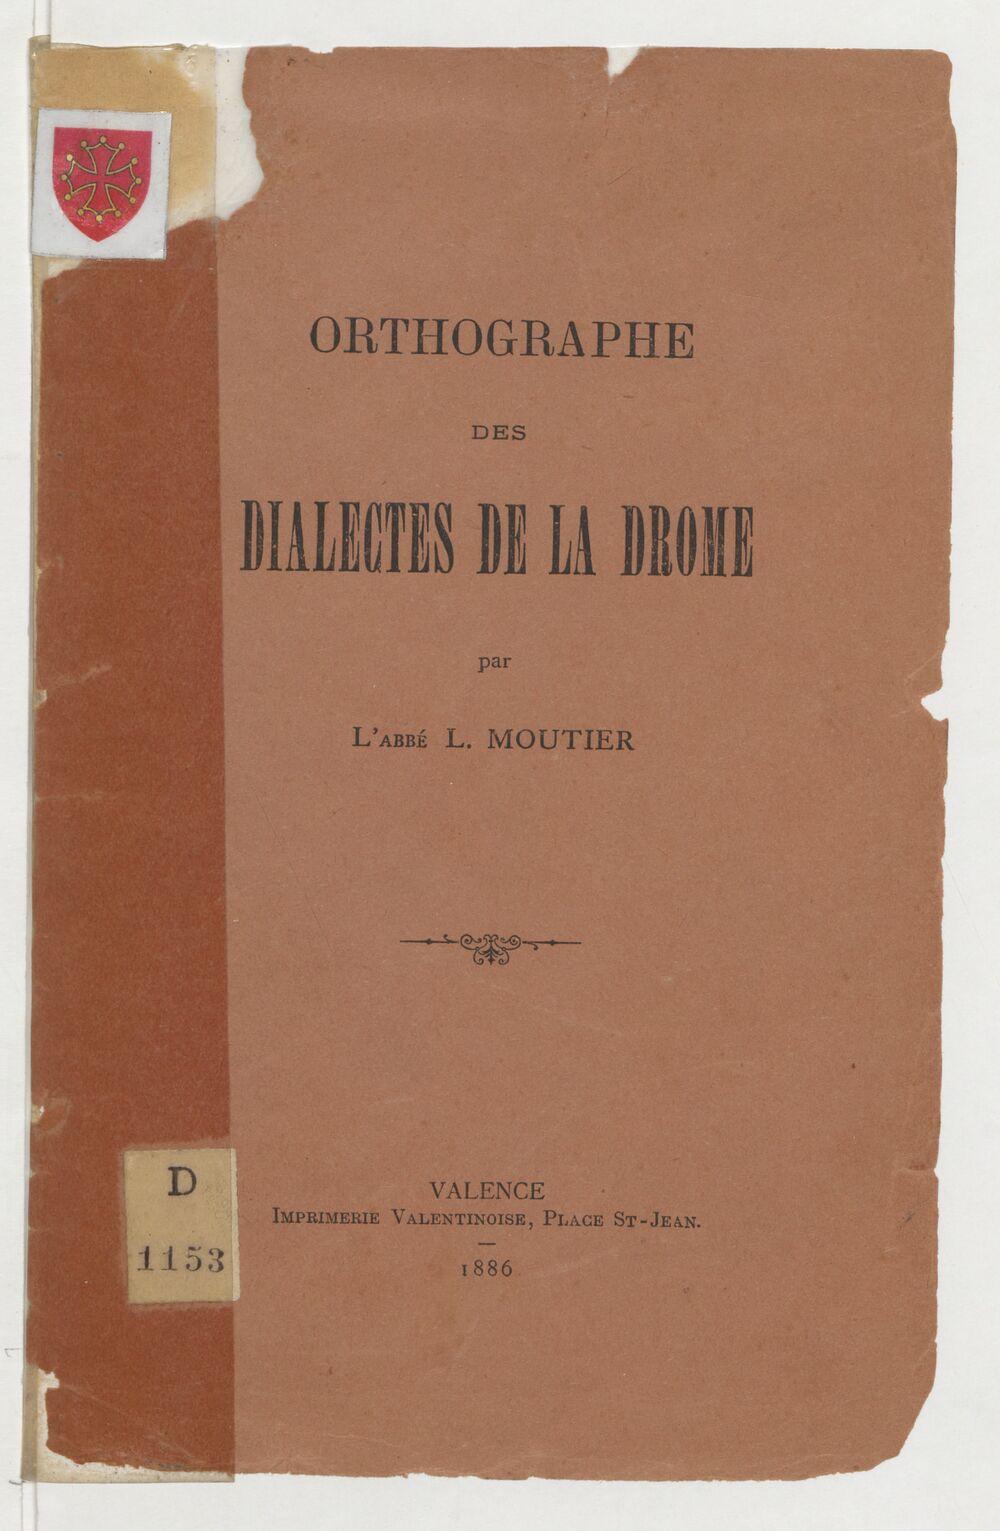 Orthographe des dialectes de la Drôme, par l'abbé L. Moutier